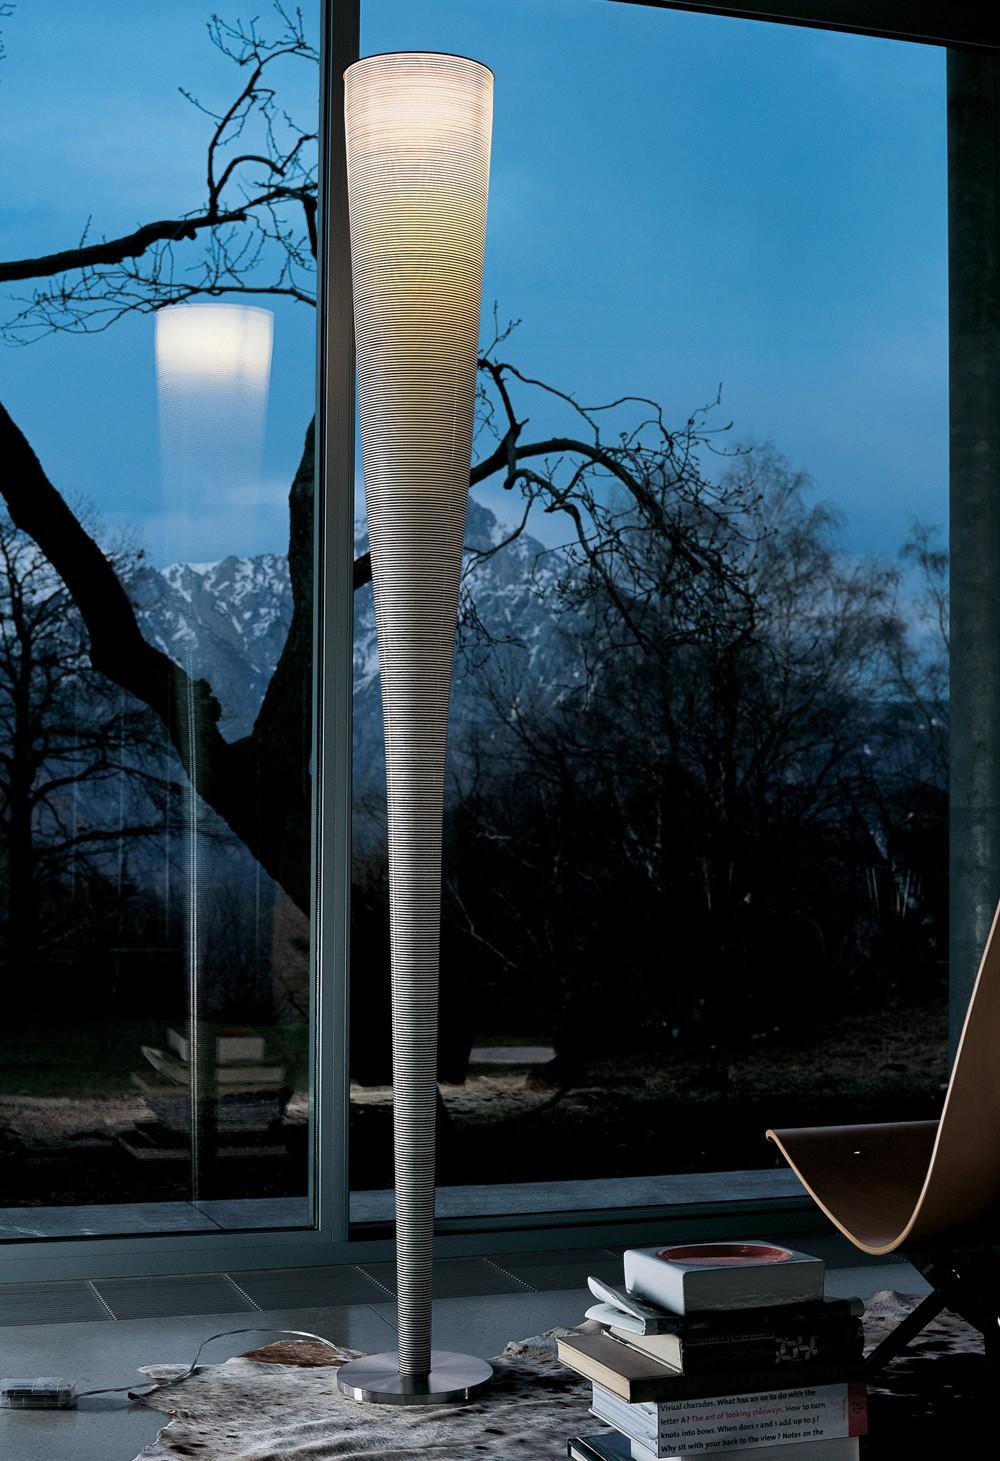 Foscarini Mite Floor Lamp Deplaincom